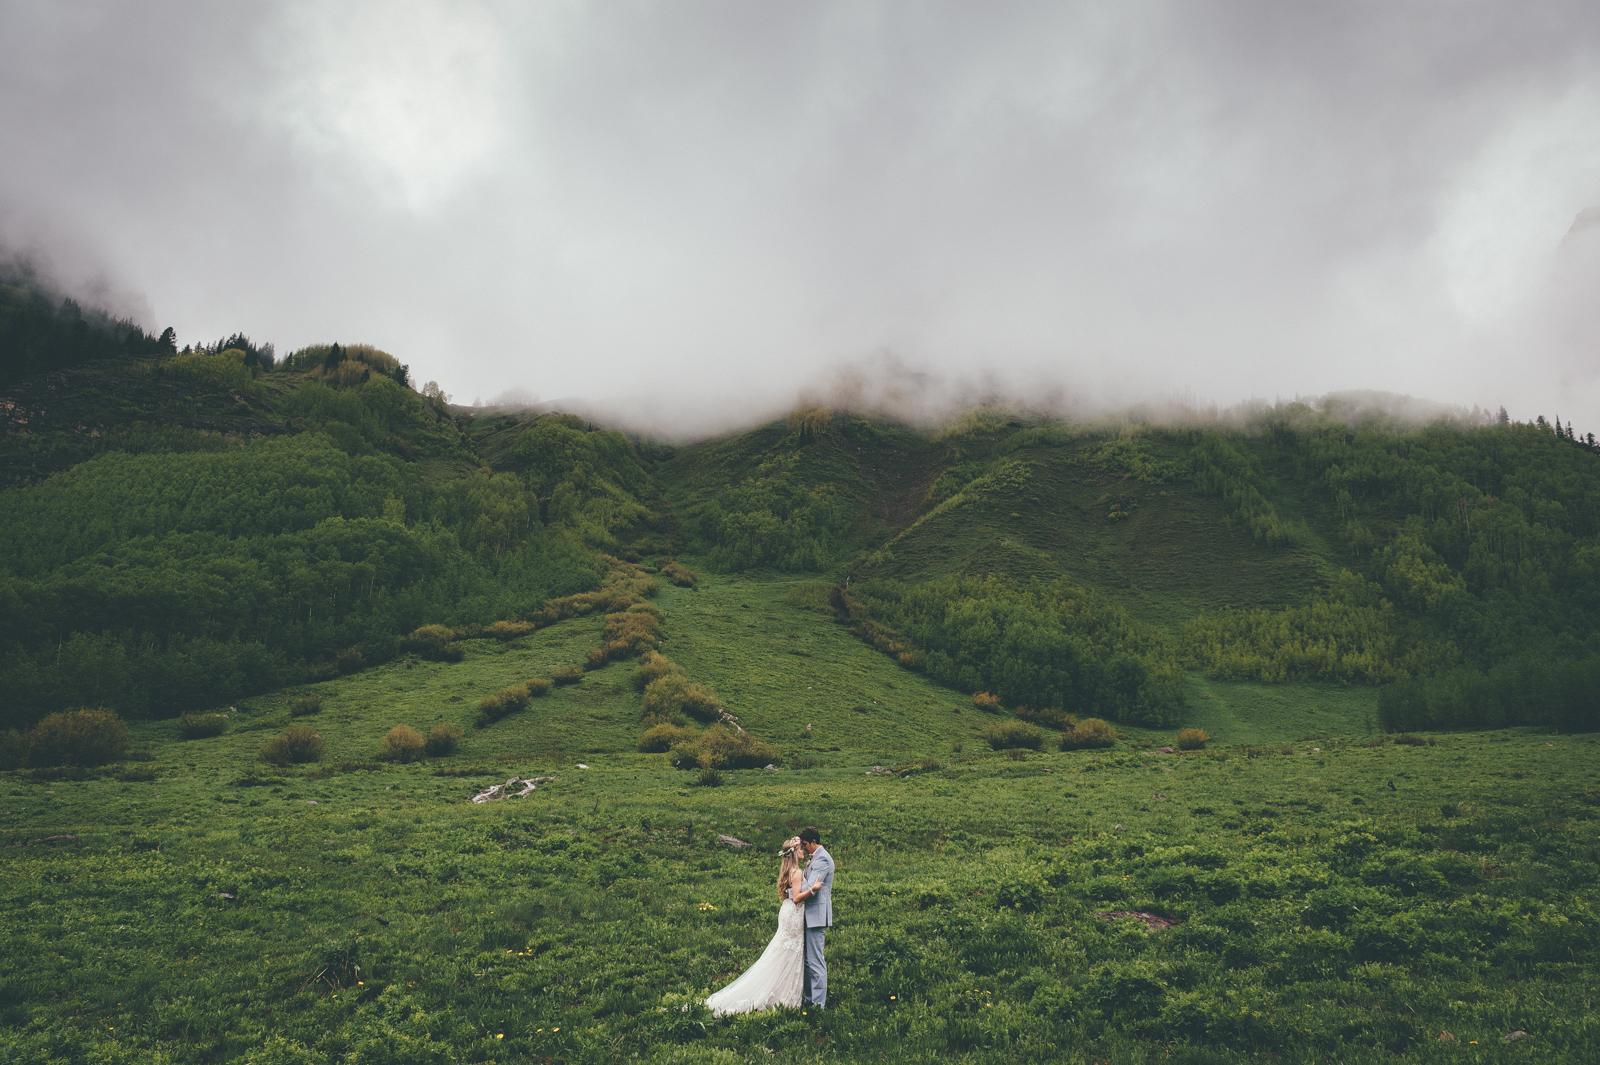 ChadFahnestockPhotography-wedding-photography-portfolio-020.jpg